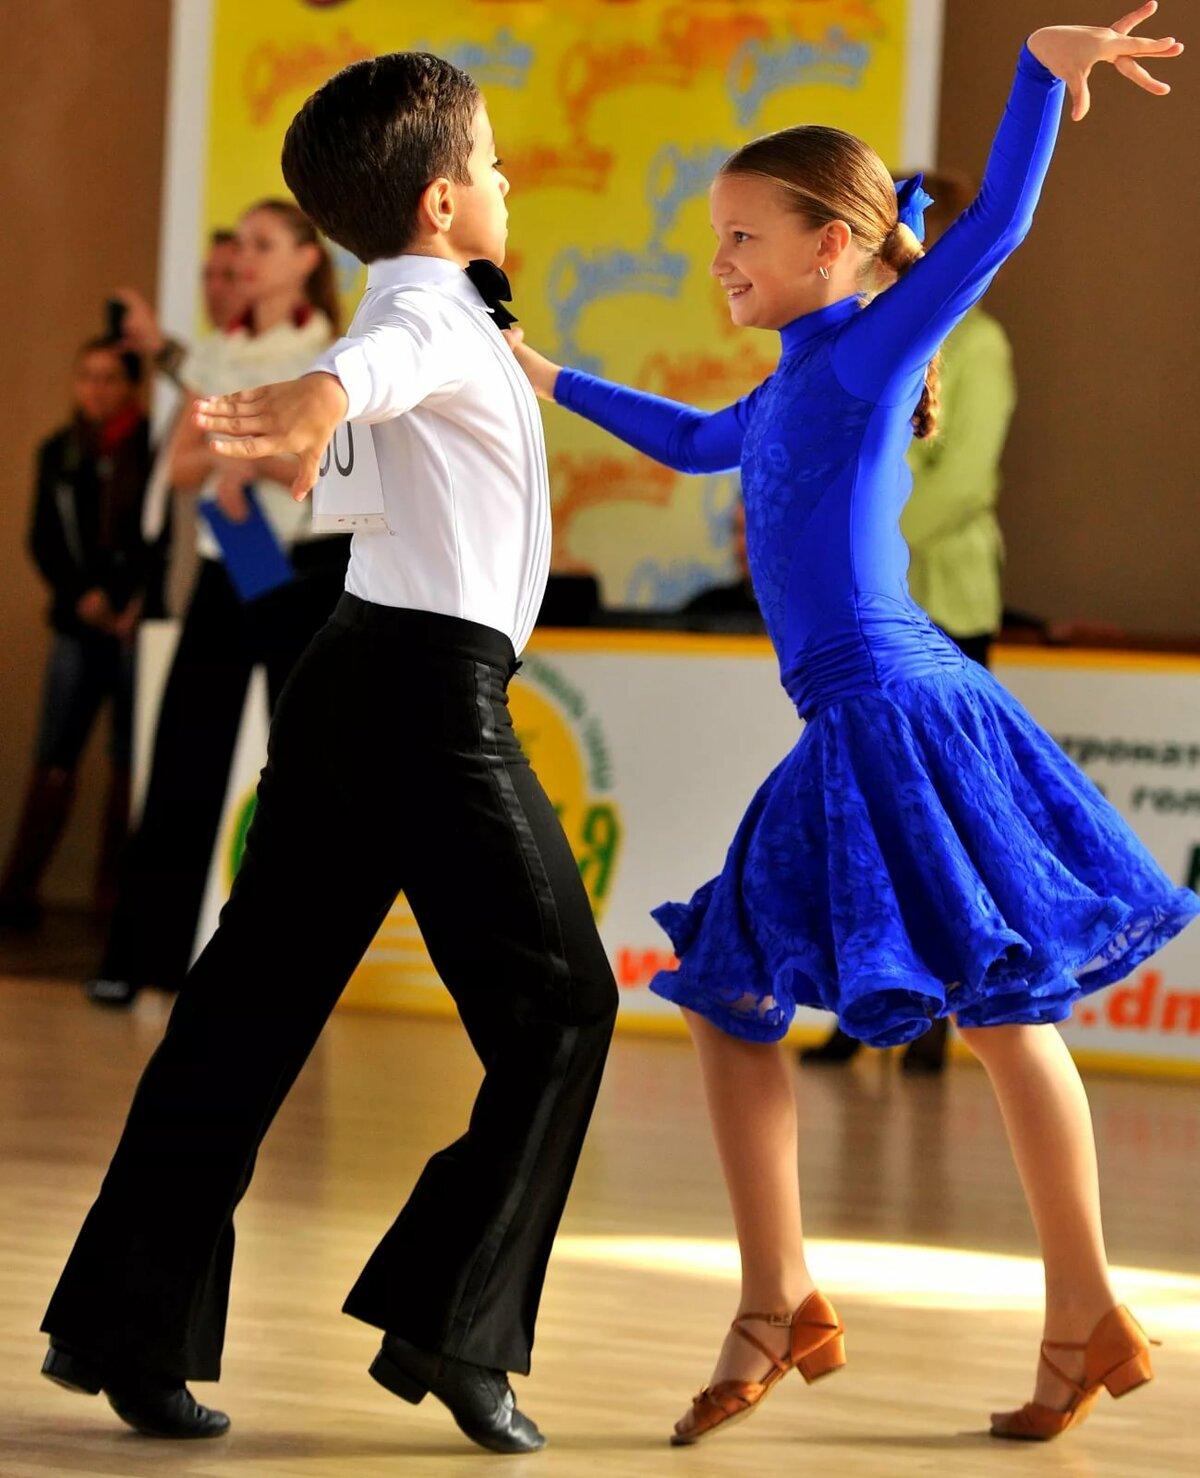 это фото с танцующими детьми этих